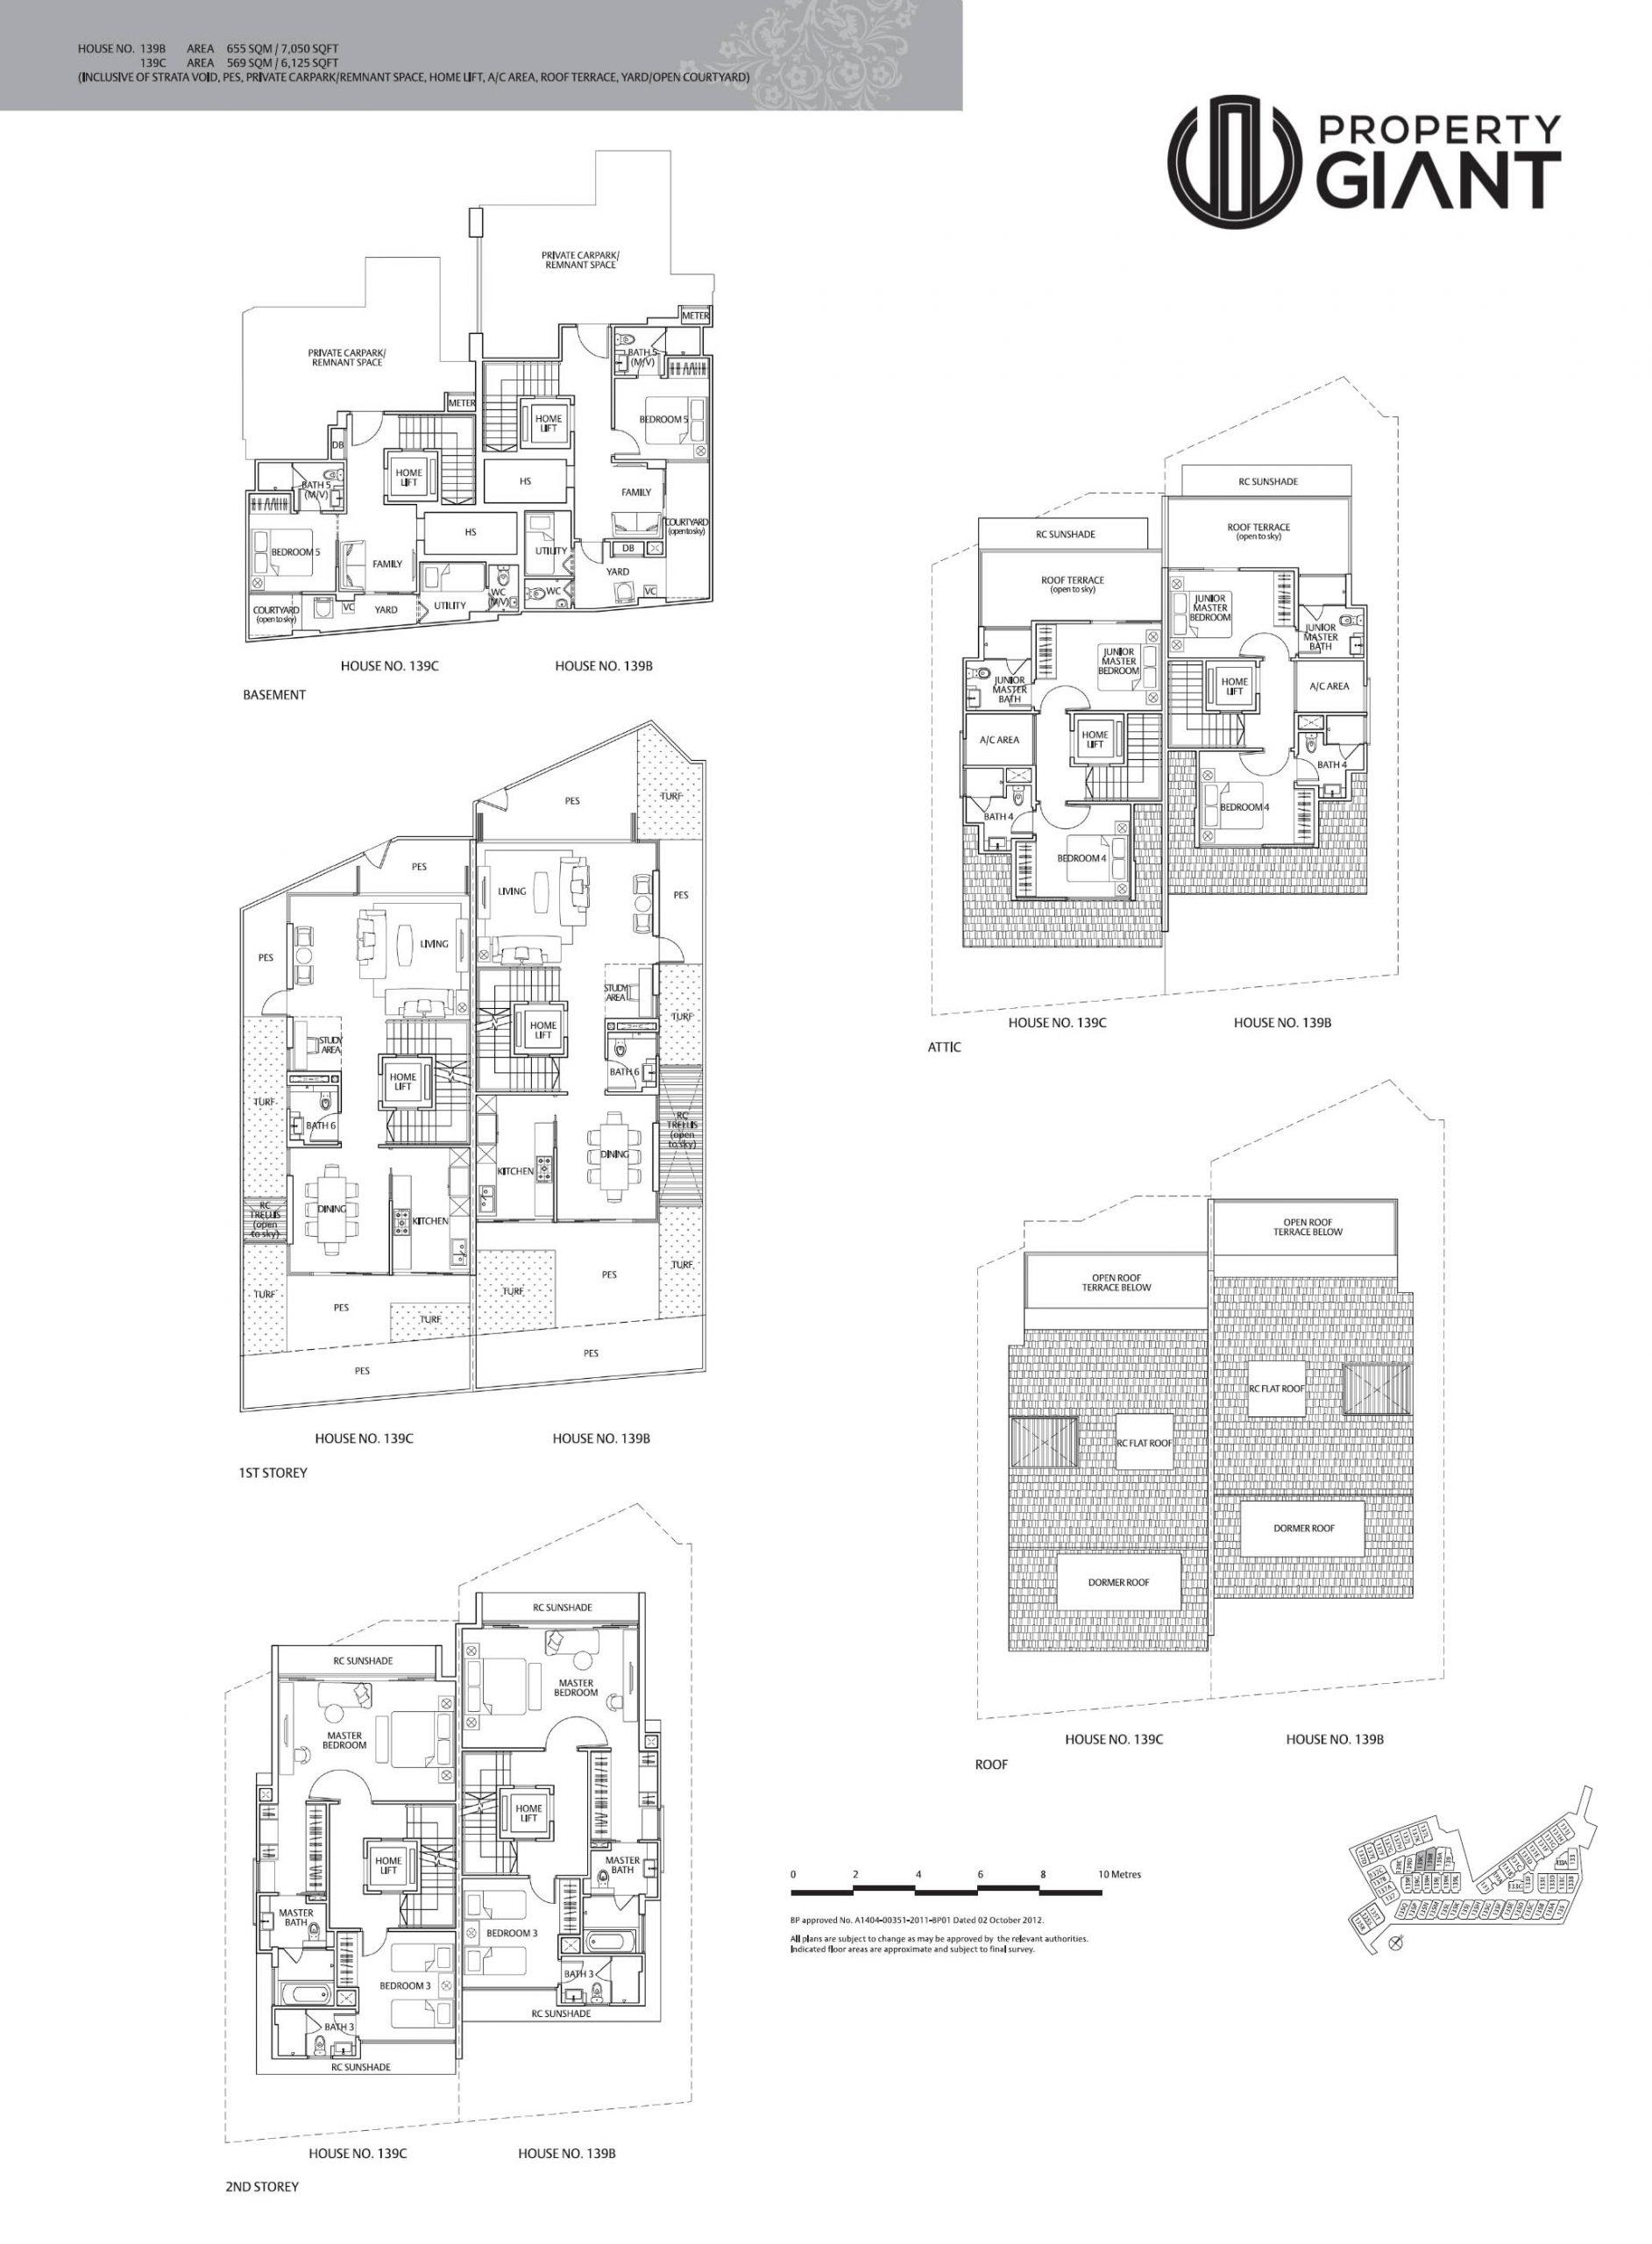 House No. 139B